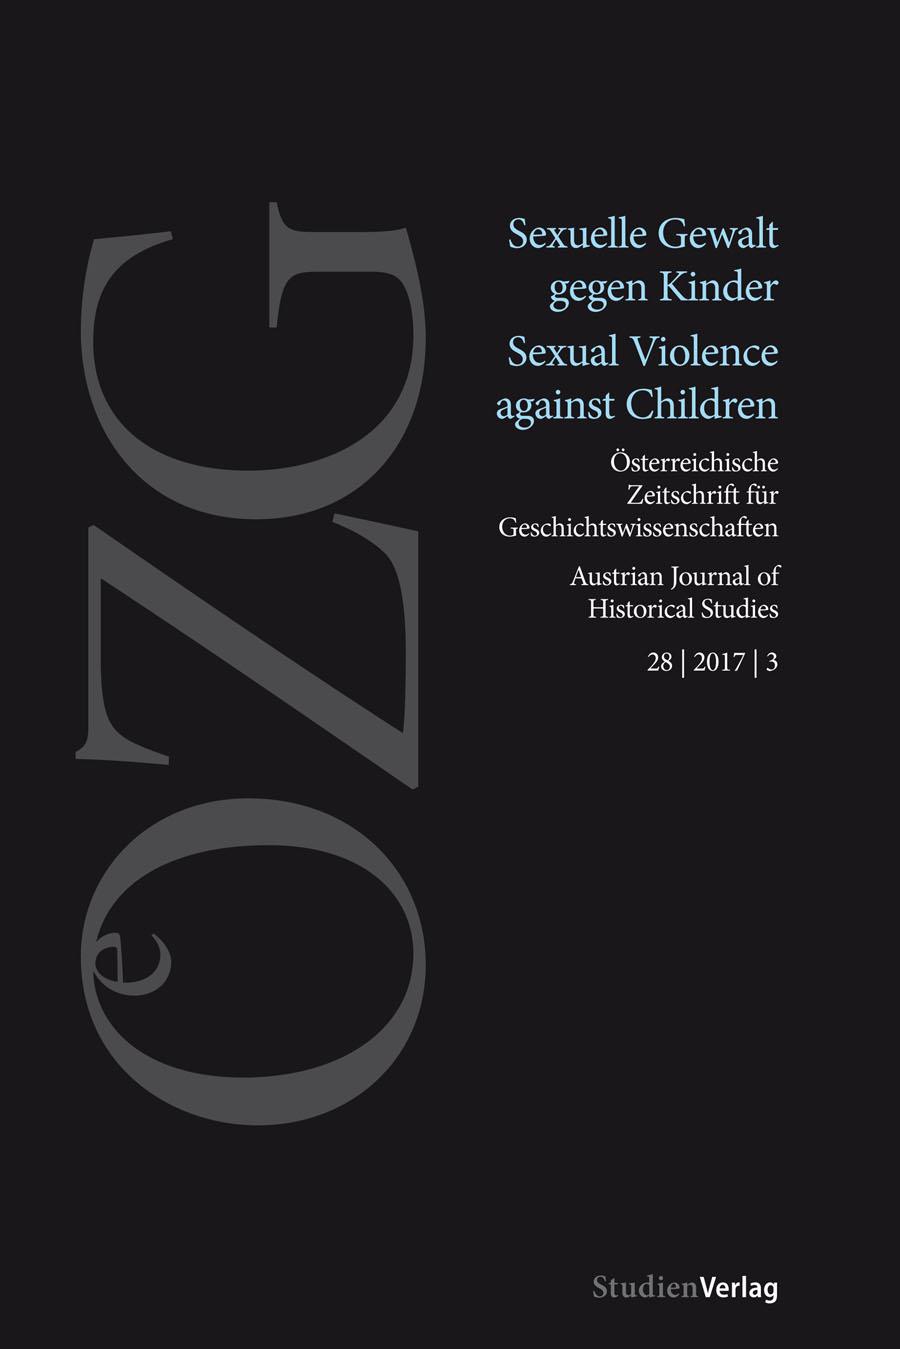 oezg-2017-28-3